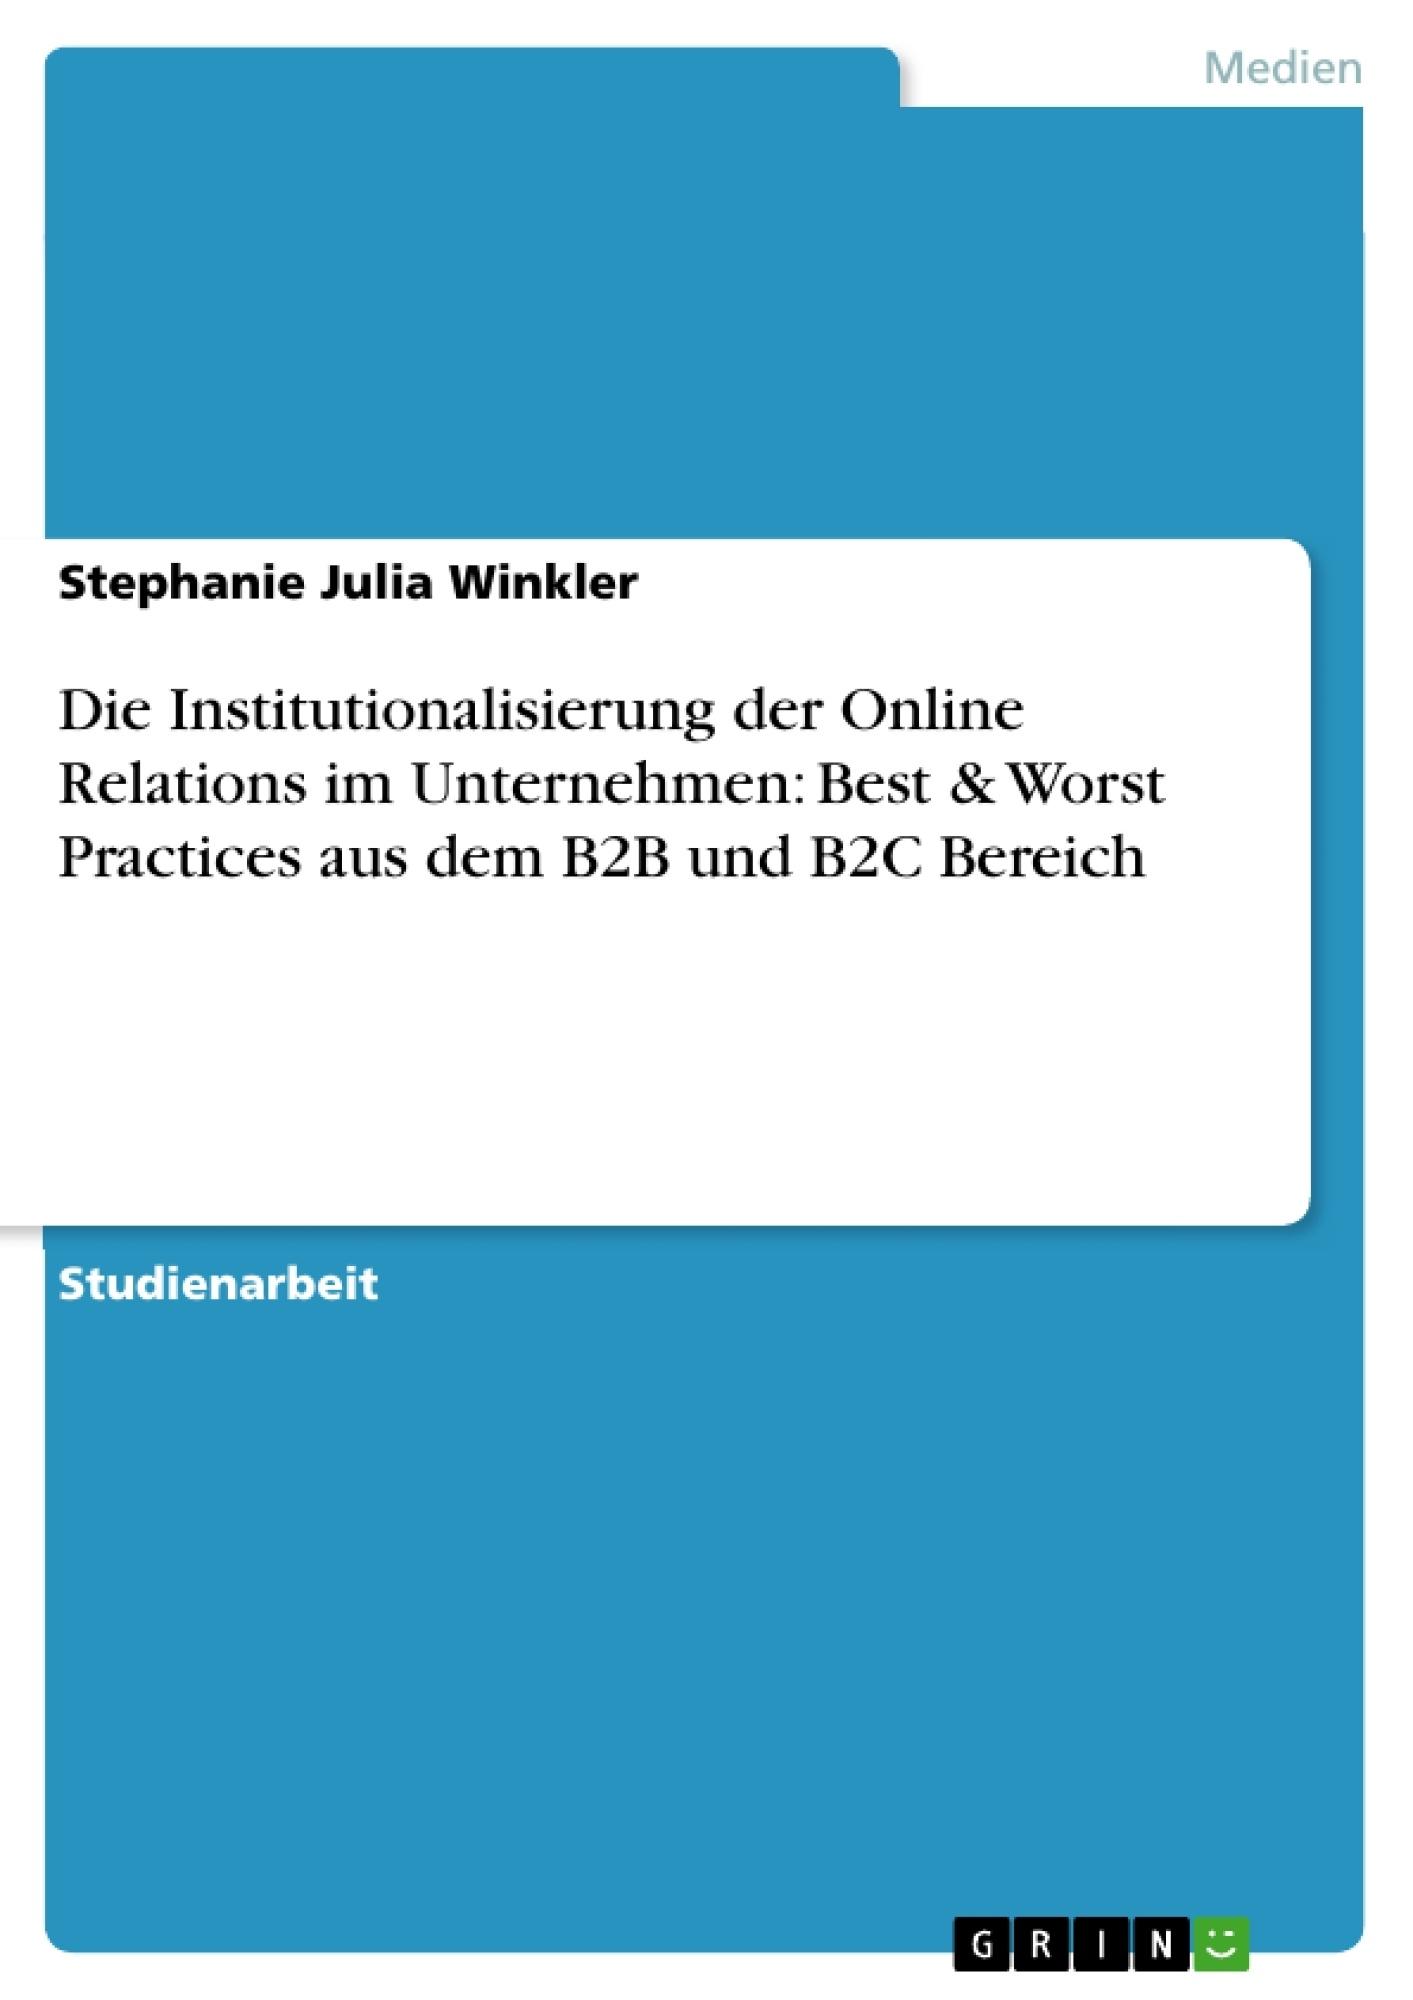 Titel: Die Institutionalisierung der Online Relations im Unternehmen: Best & Worst Practices aus dem B2B und B2C Bereich